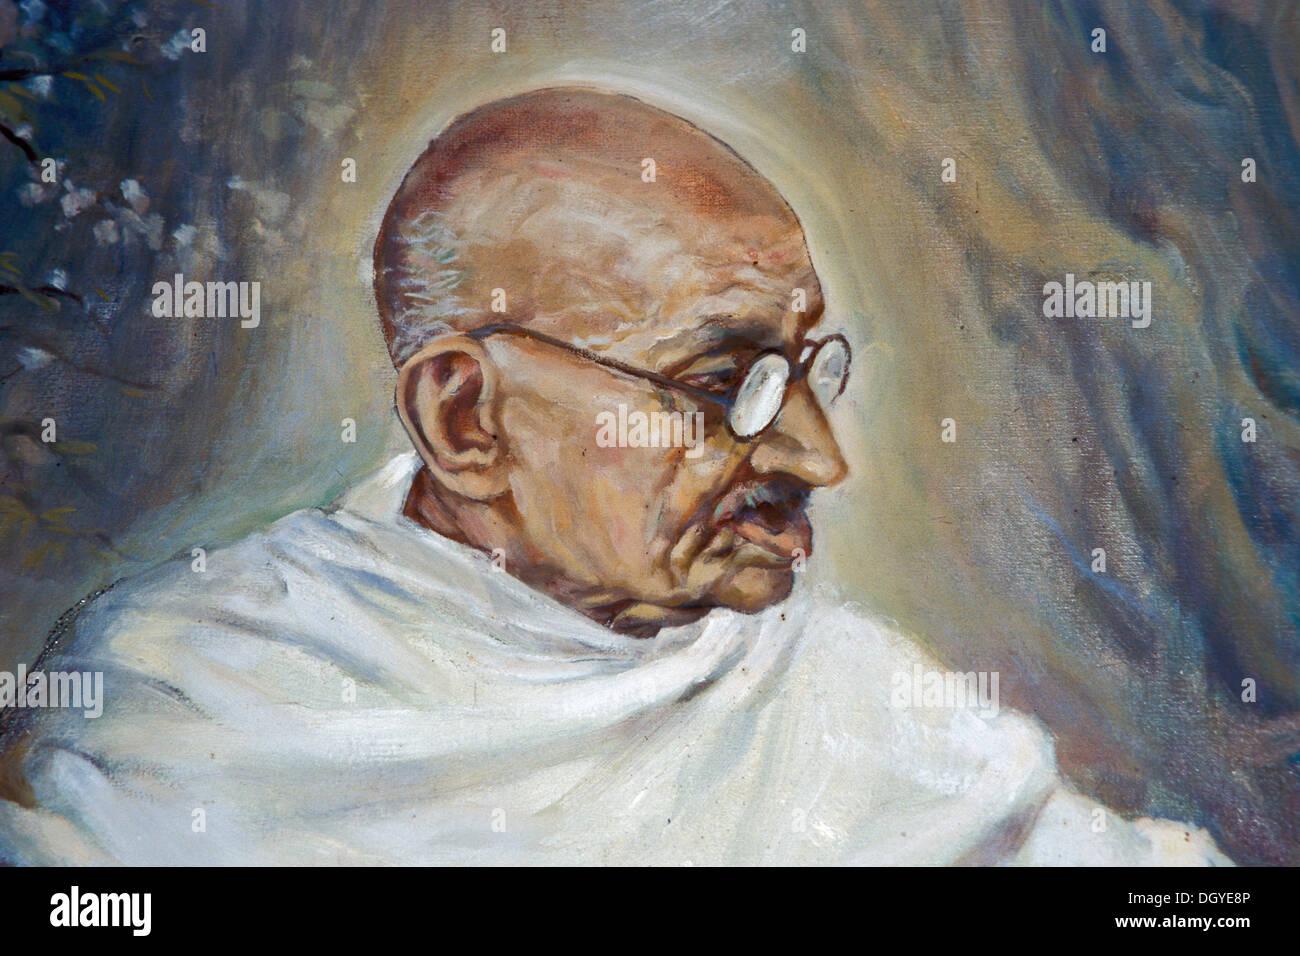 Portrait of the old Mahatma Gandhi, painting, Aga Khan Palace, Pune or Poona, Maharashtra, India, Asia - Stock Image